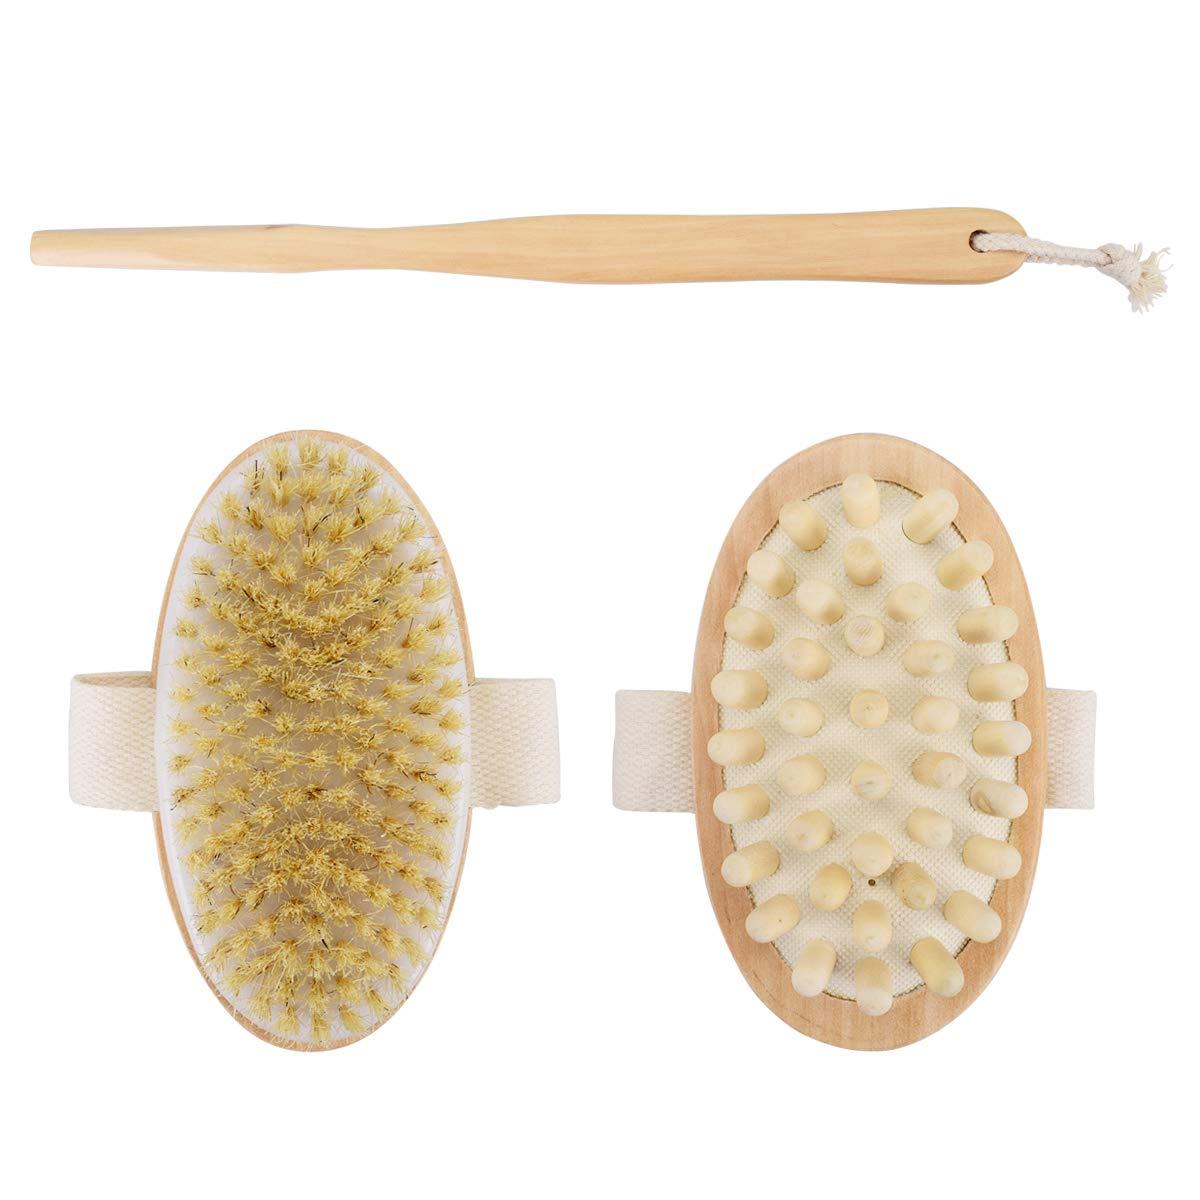 X-Mile 2 Stück Holz Cellulite Badebürste Abnehmbare Dusche Bürsten Hohe Qualität Lange Pinsel Multifunktionale Kaktus Bürste Für Zurück Klopfen Gesicht Körperhaut Massage Gelb